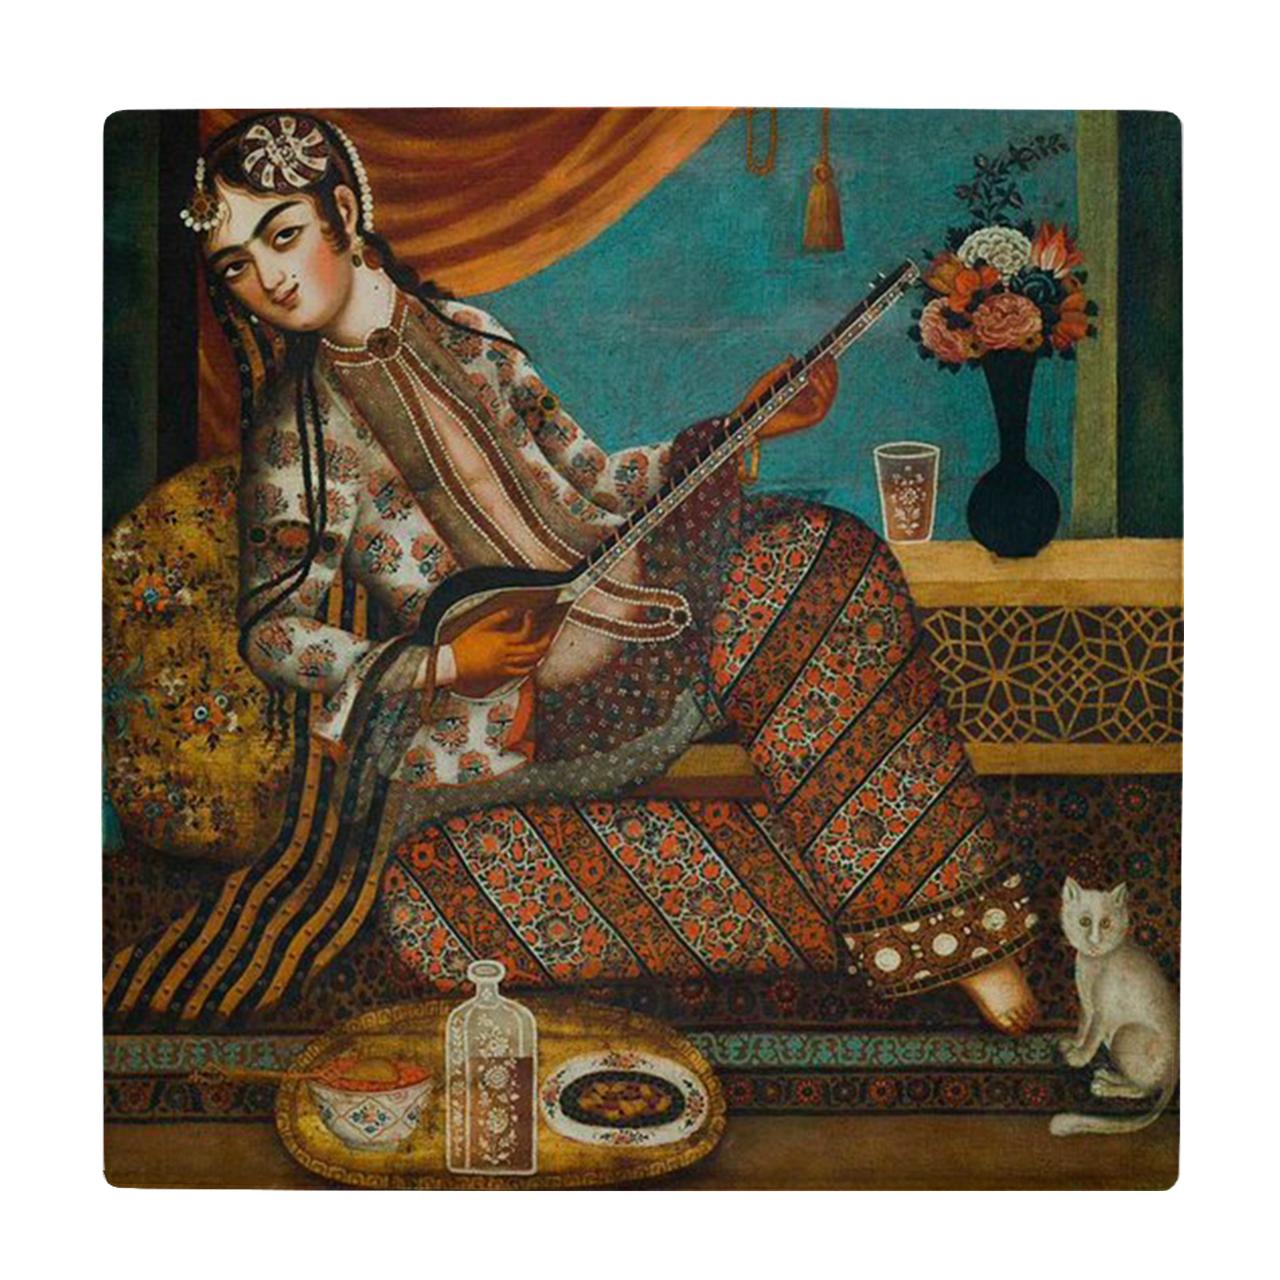 کاشی طرح نقاشی خاتون تار نواز کد wk1961